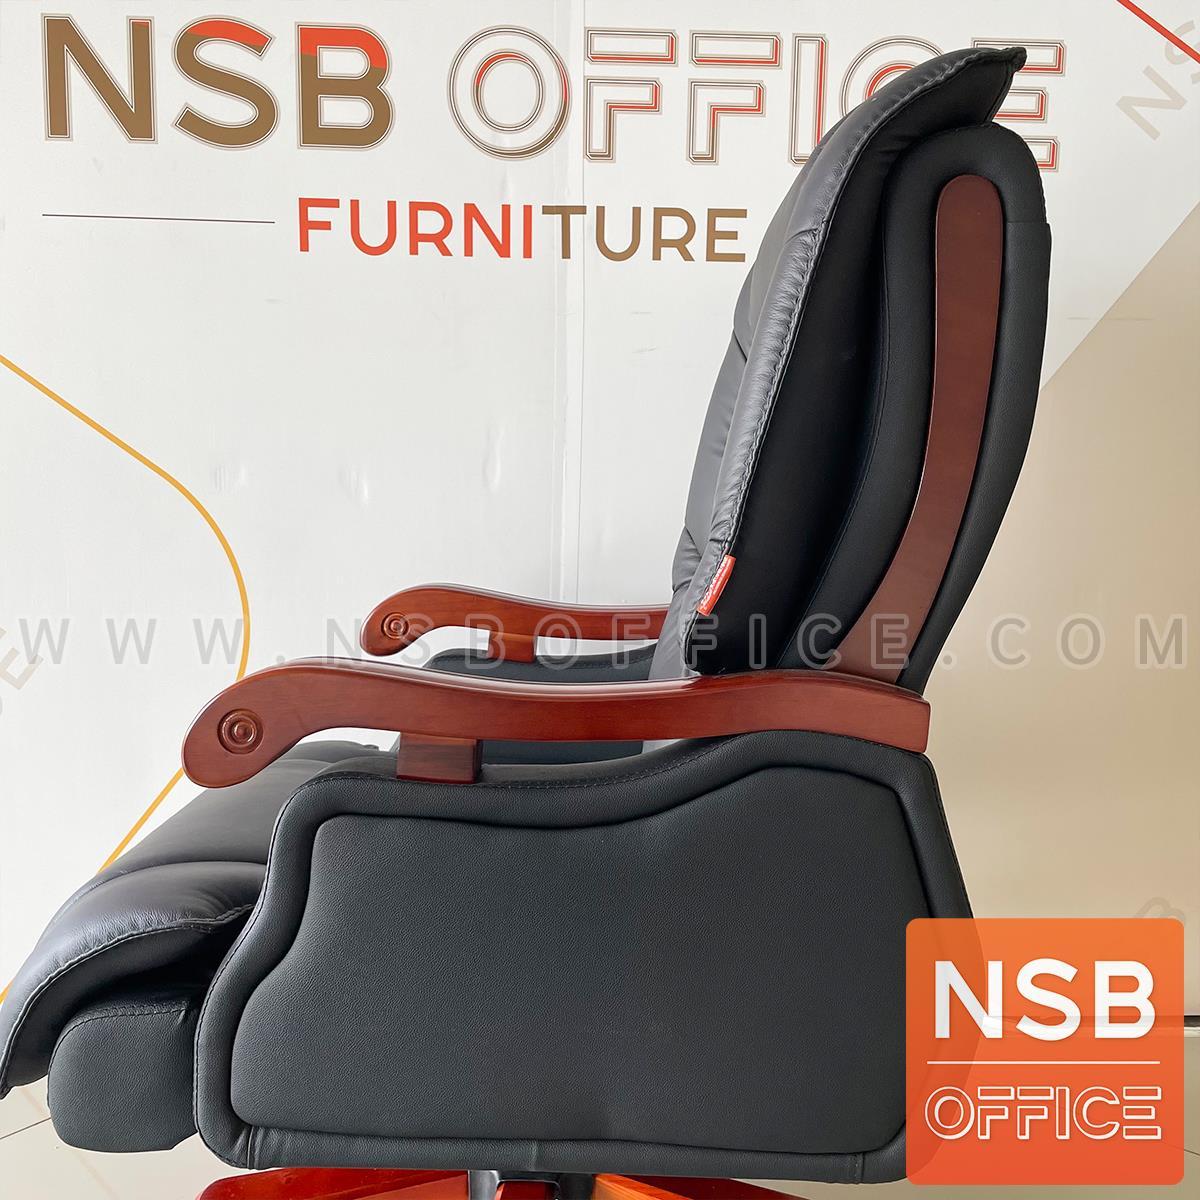 เก้าอี้ผู้บริหารหนังแท้ รุ่น Flax (แฟ็กซ์)  ขา-แขนไม้